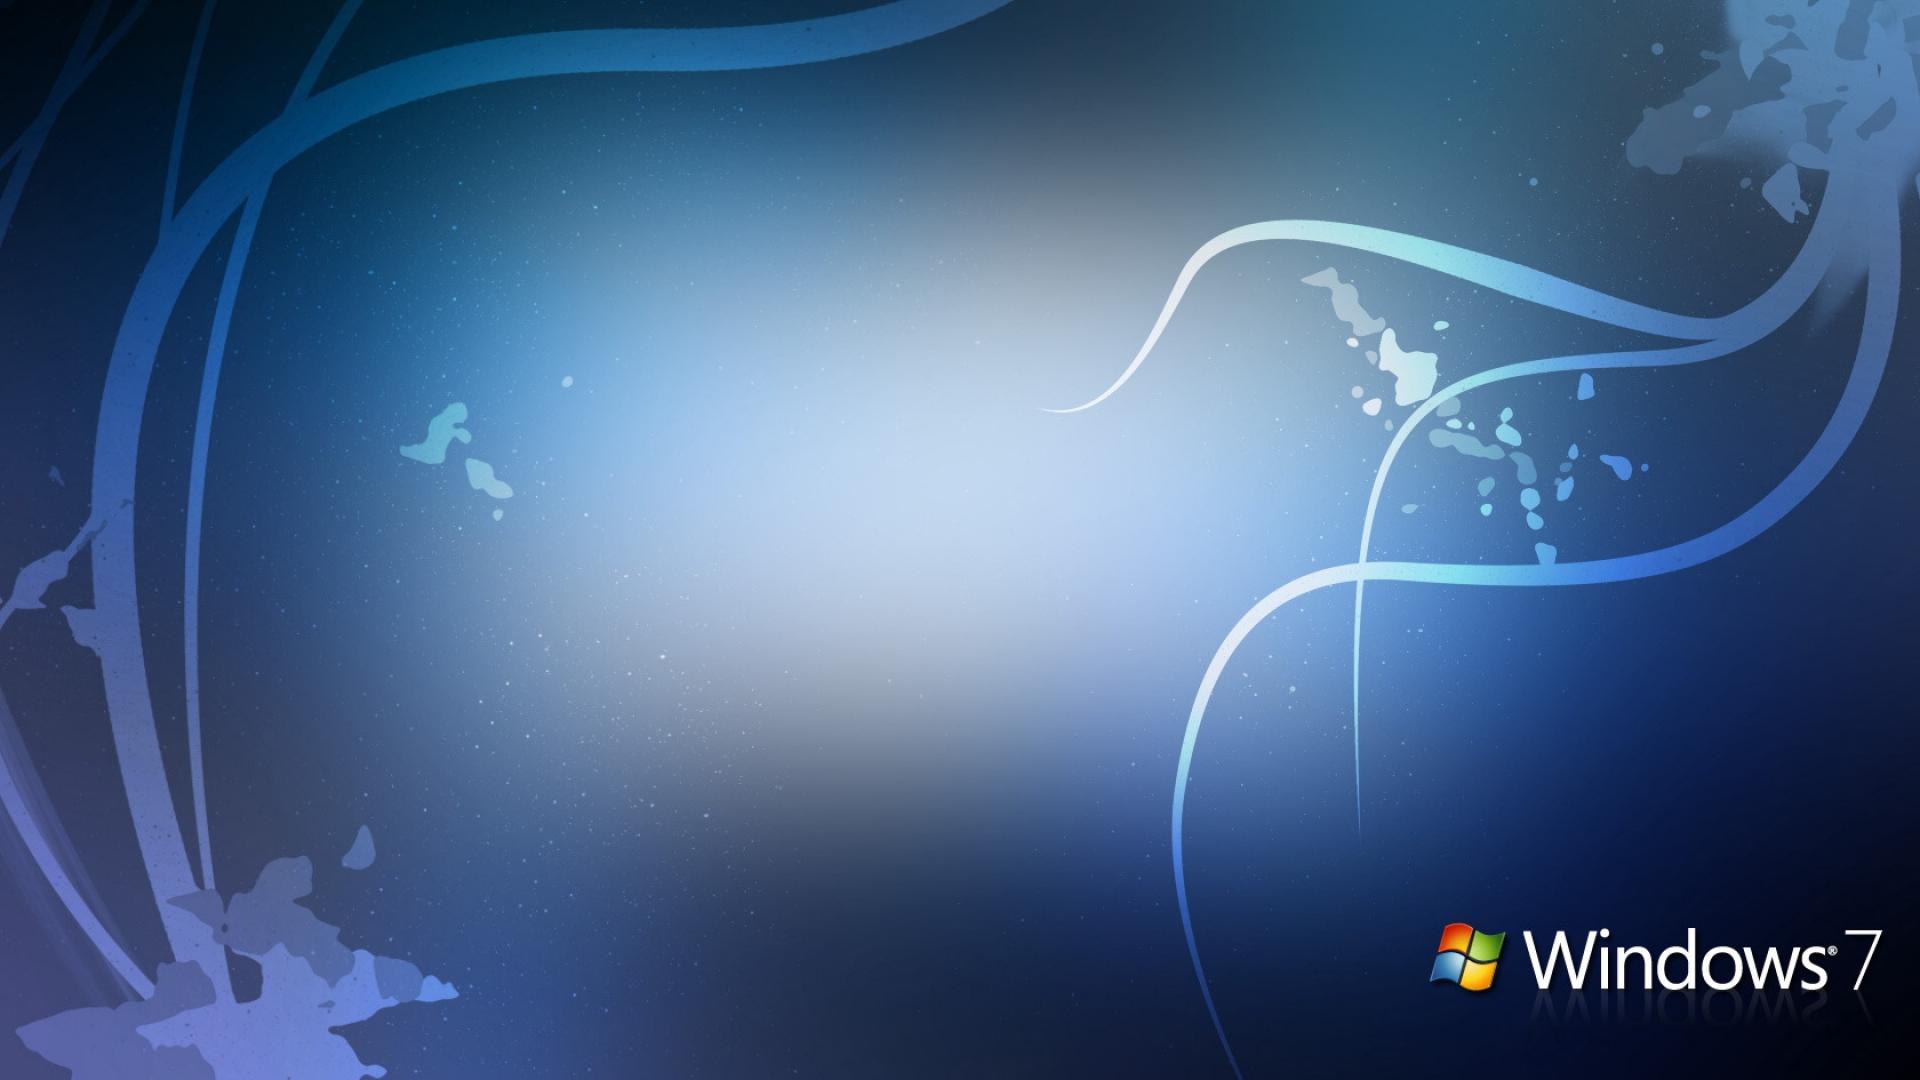 HD Wallpapers for Windows 7 | PixelsTalk Net